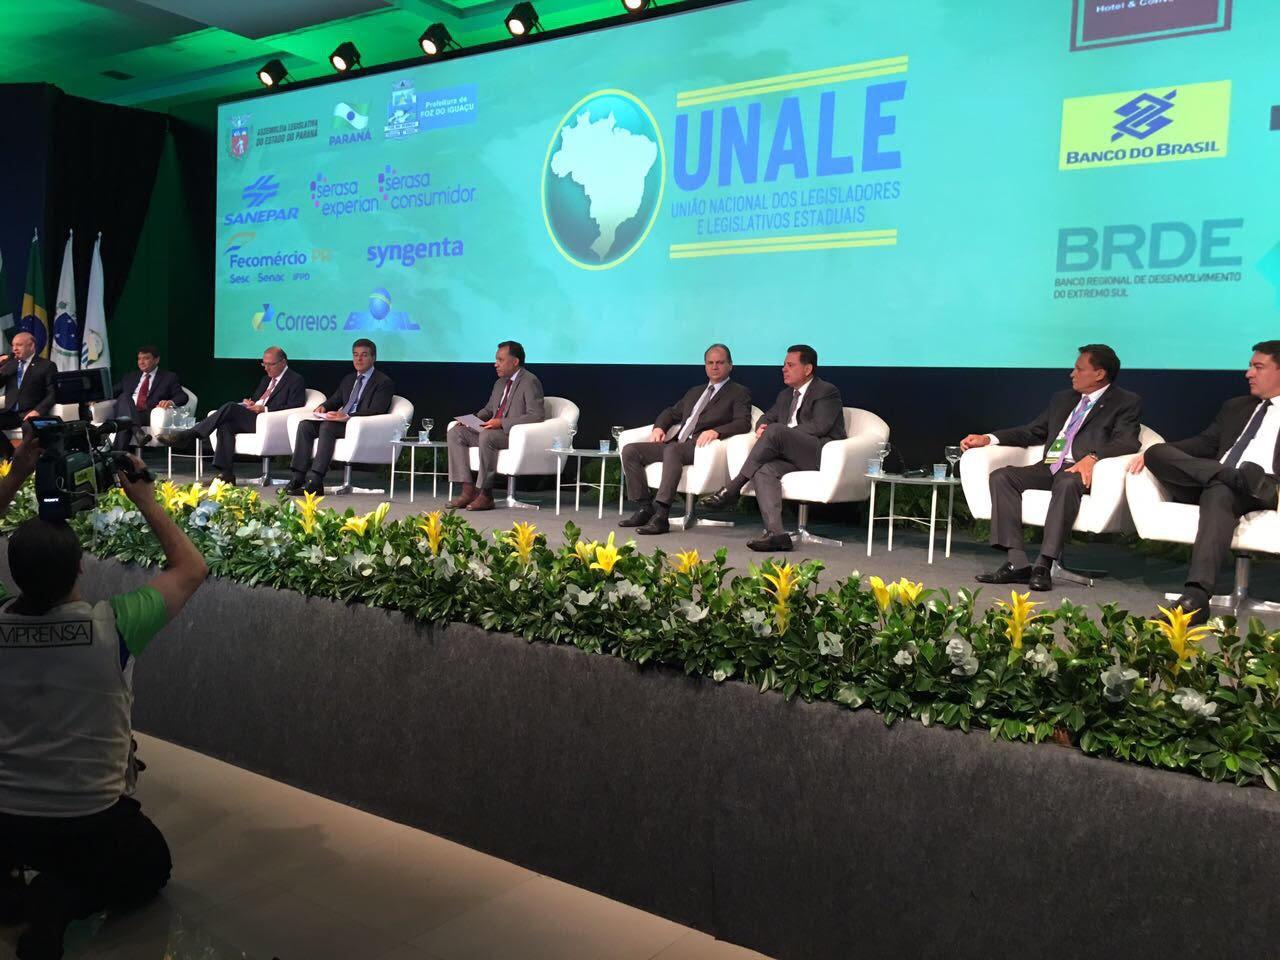 Governadores de todo o Brasil debatem sobre reformas durante a 21ª Conferência da Unale